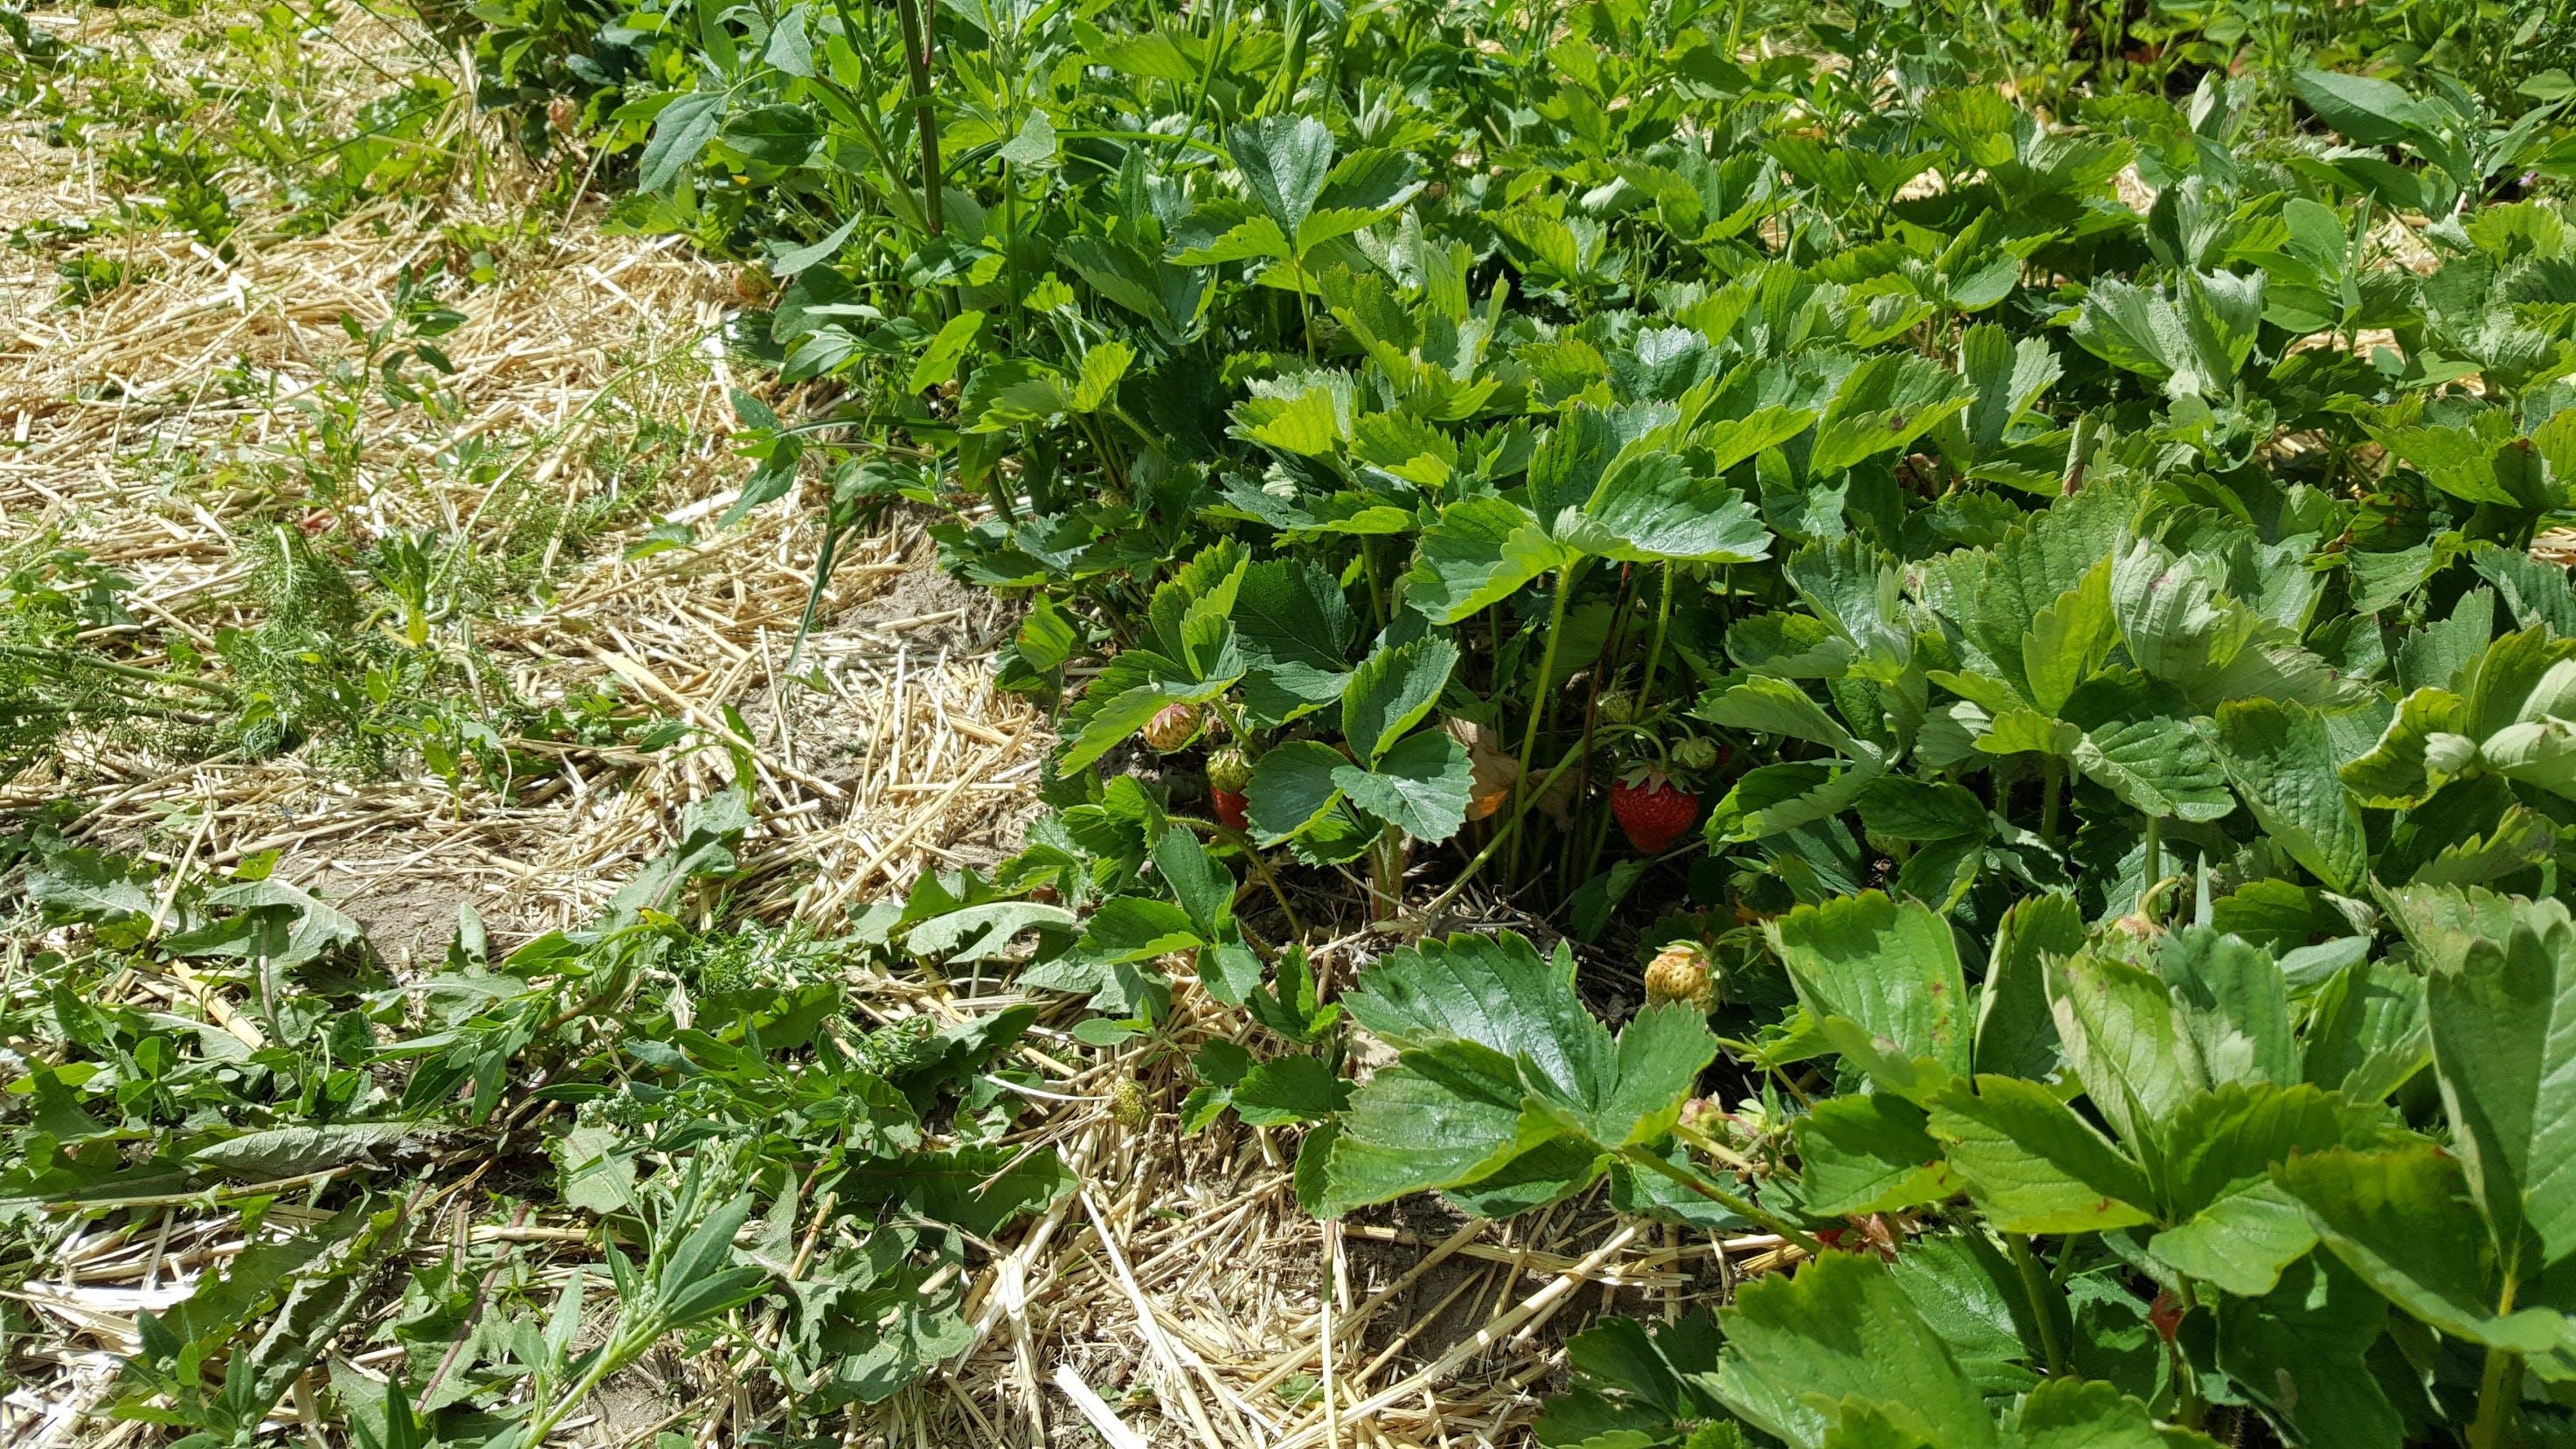 Kostenloses Stock Foto zu bauernhof, erdbeere, erdbeeren, felder